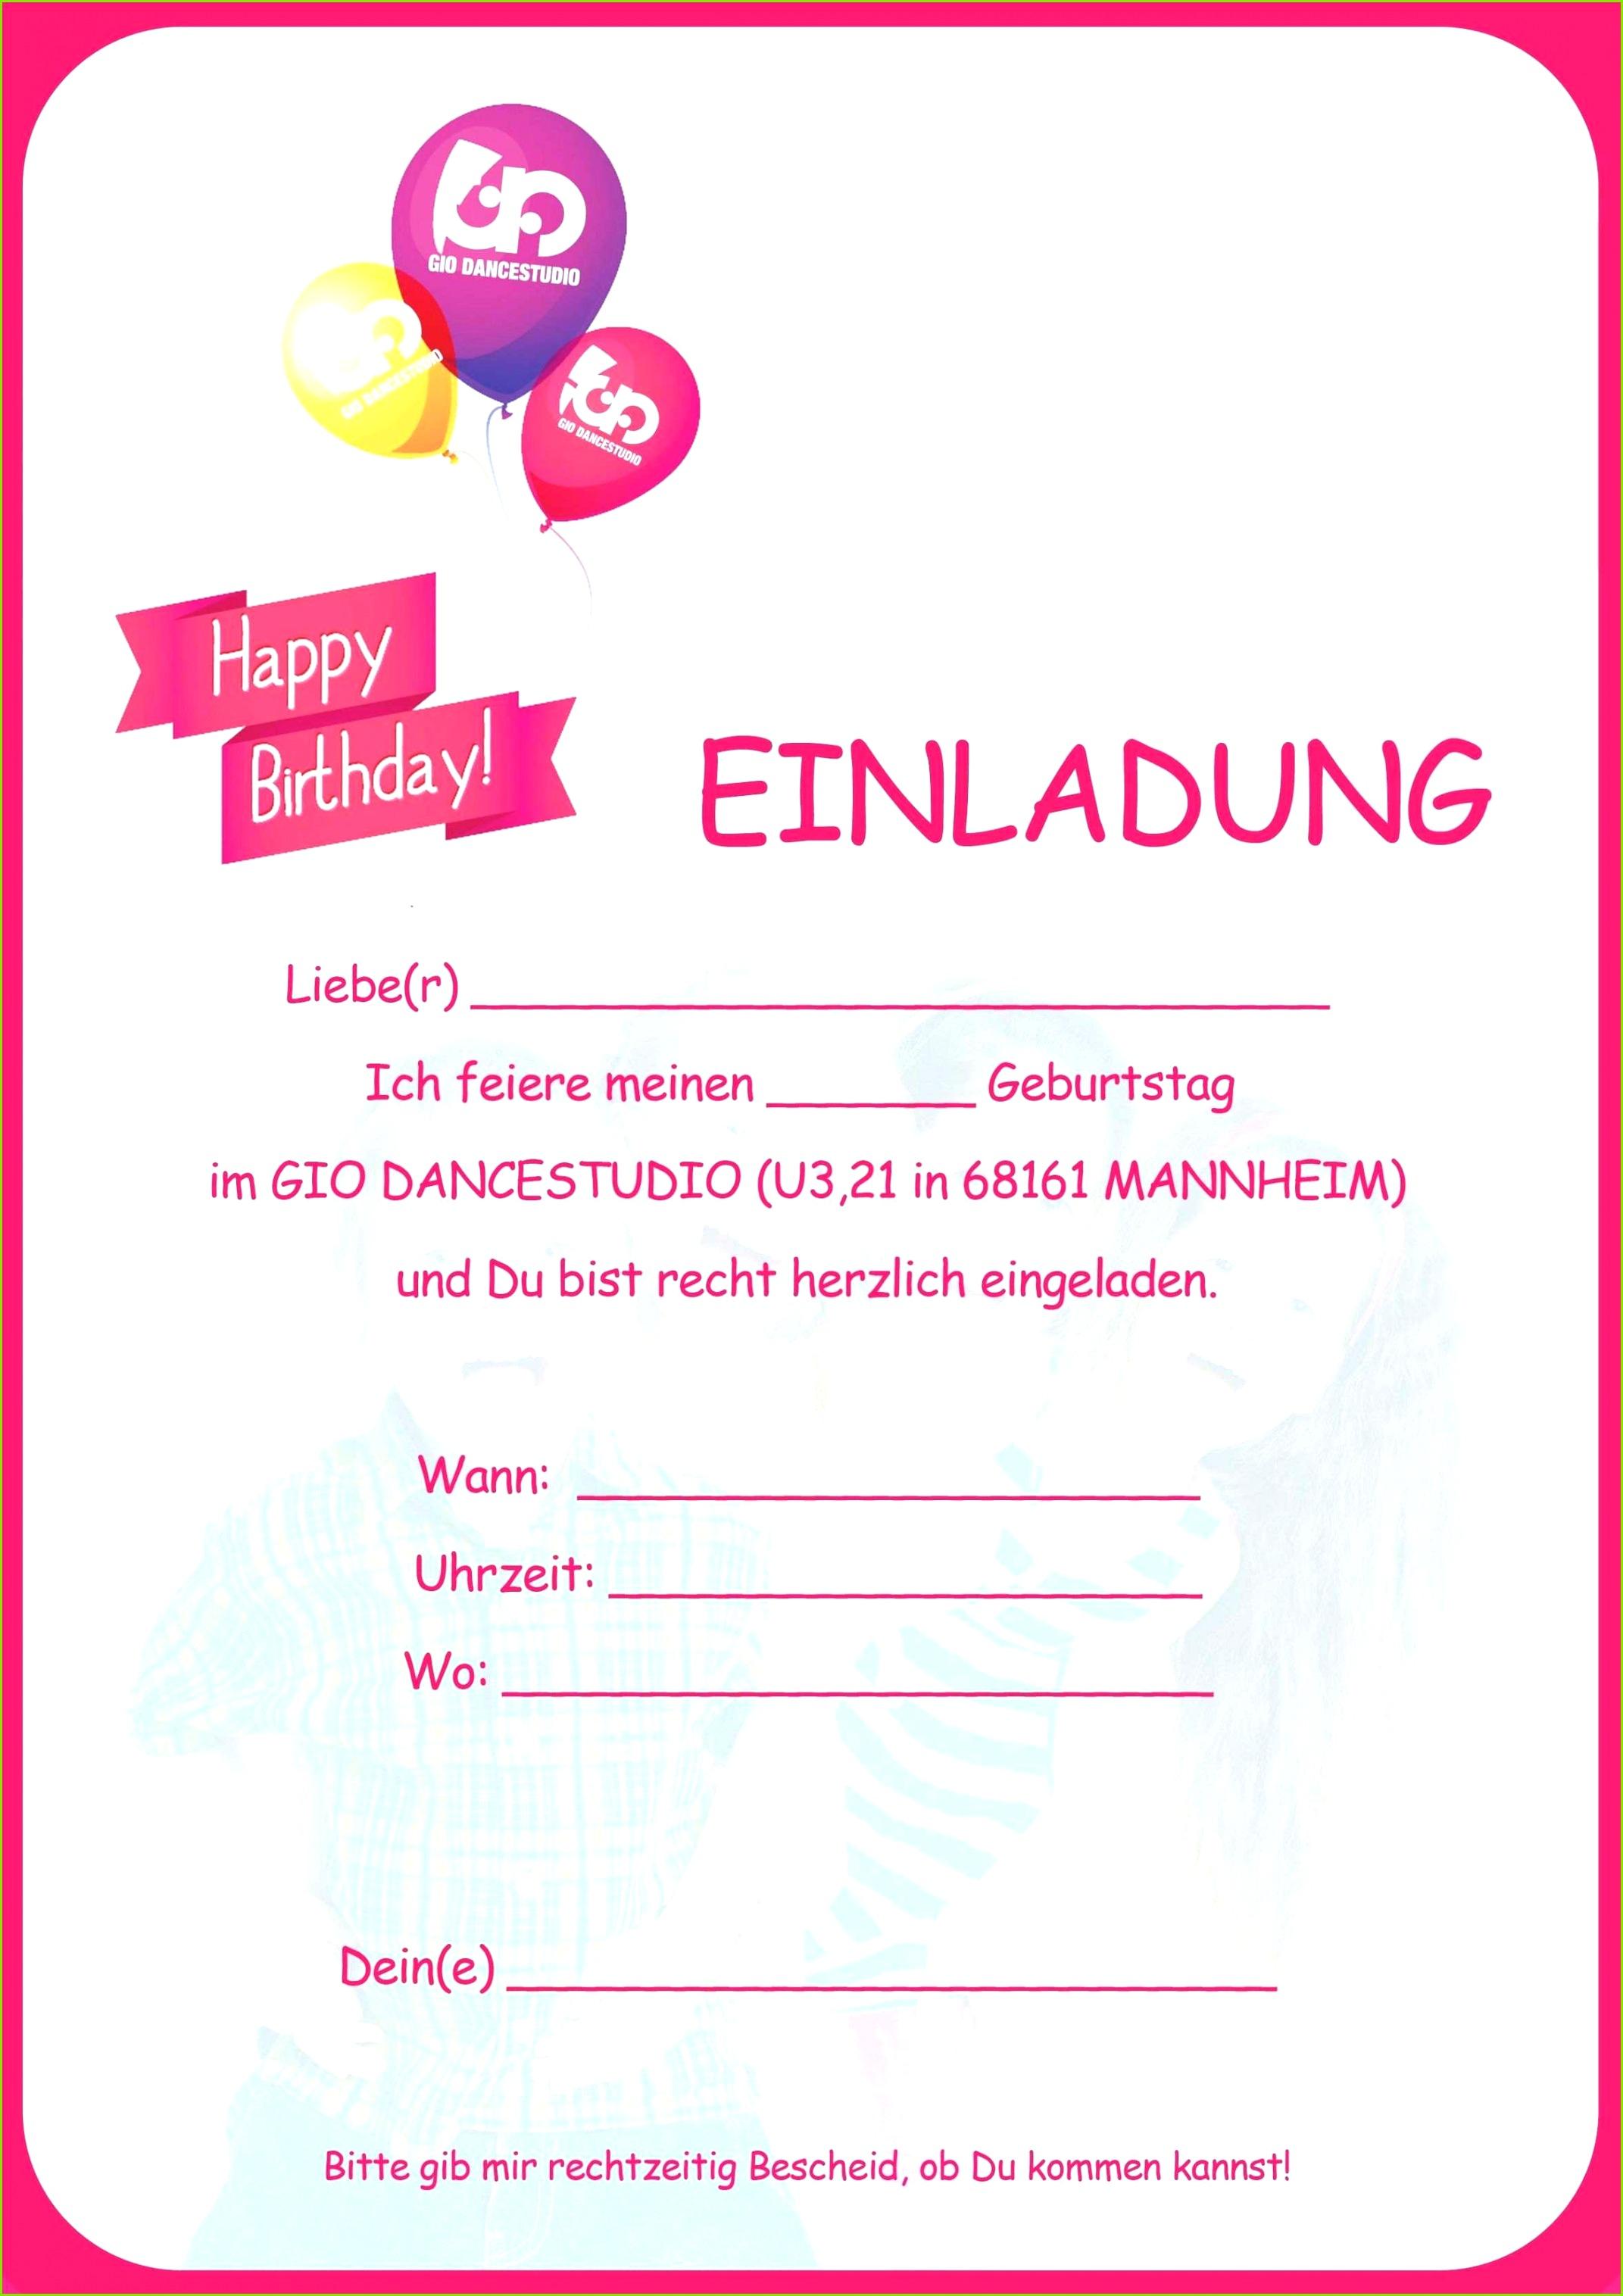 Willst Du Mit Mir Geburtstag Feiern Fresh Einladungskarten Geburtstag Mit Foto Coole Einladungskarten 0d Gutschein Fotoshooting Vorlage